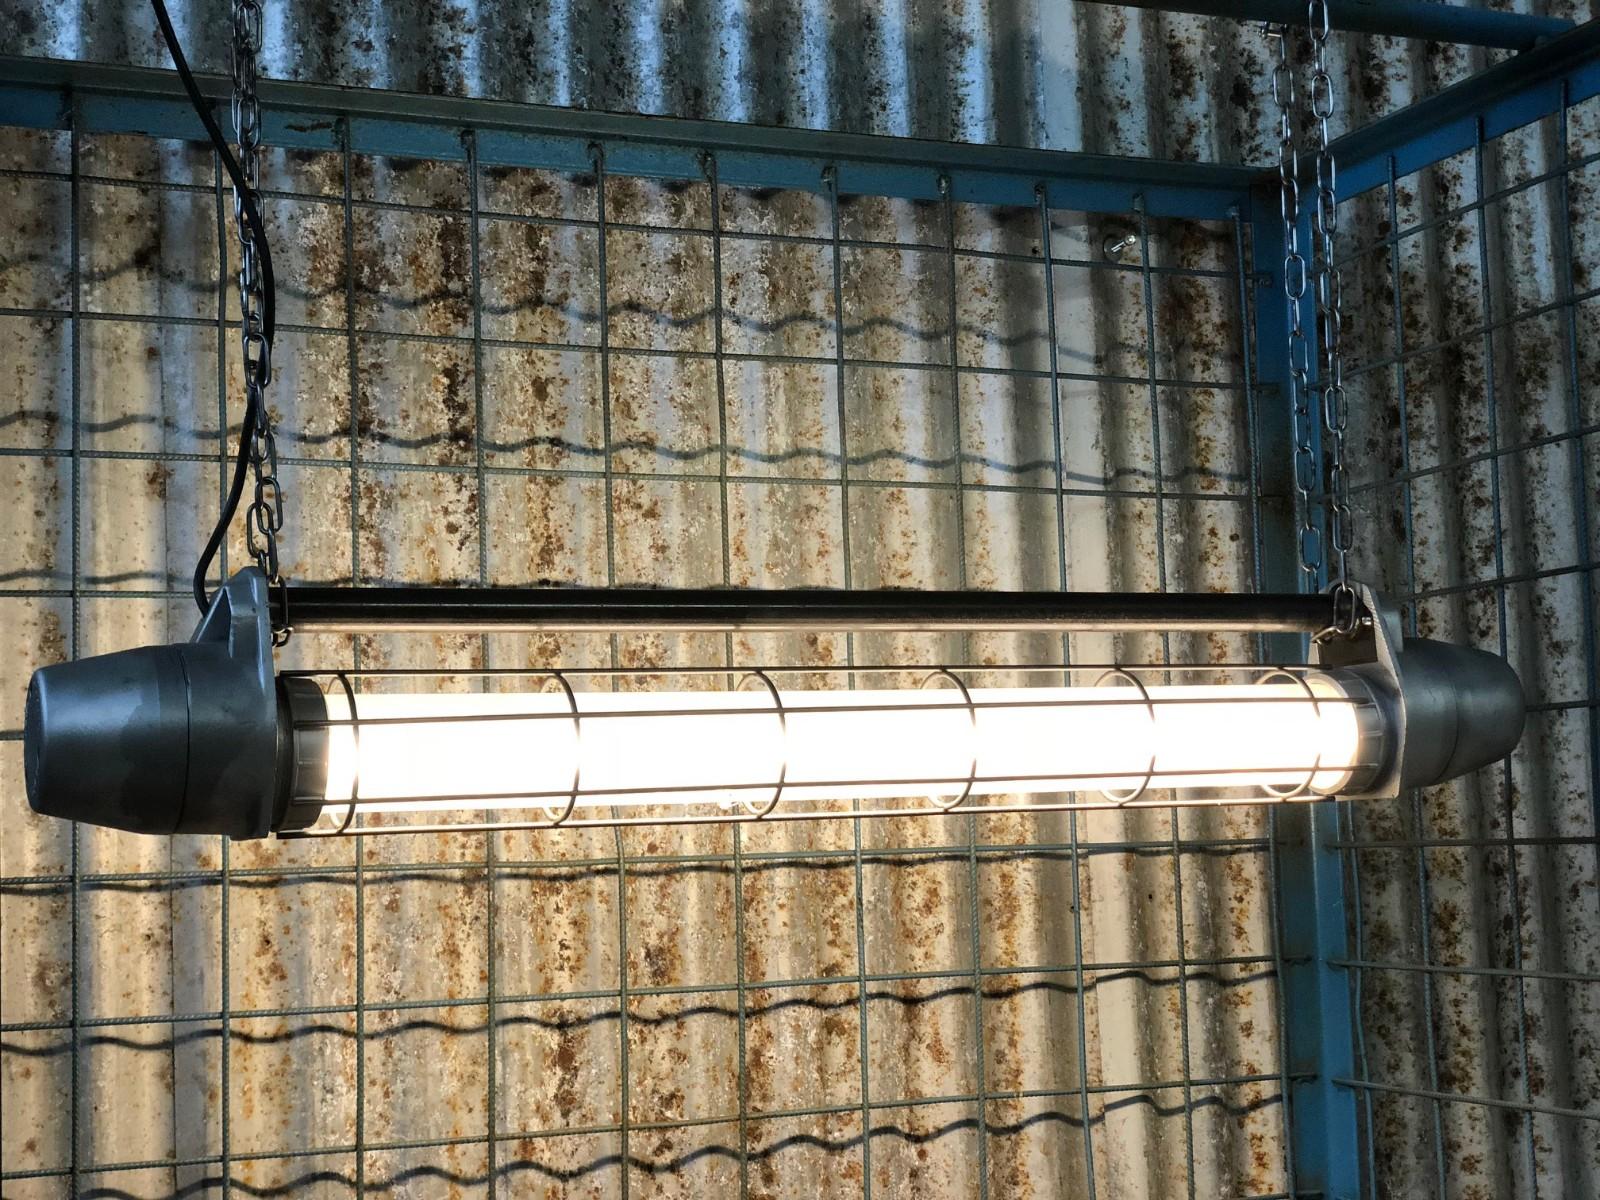 Polished industrial tl led light m long burbri recent